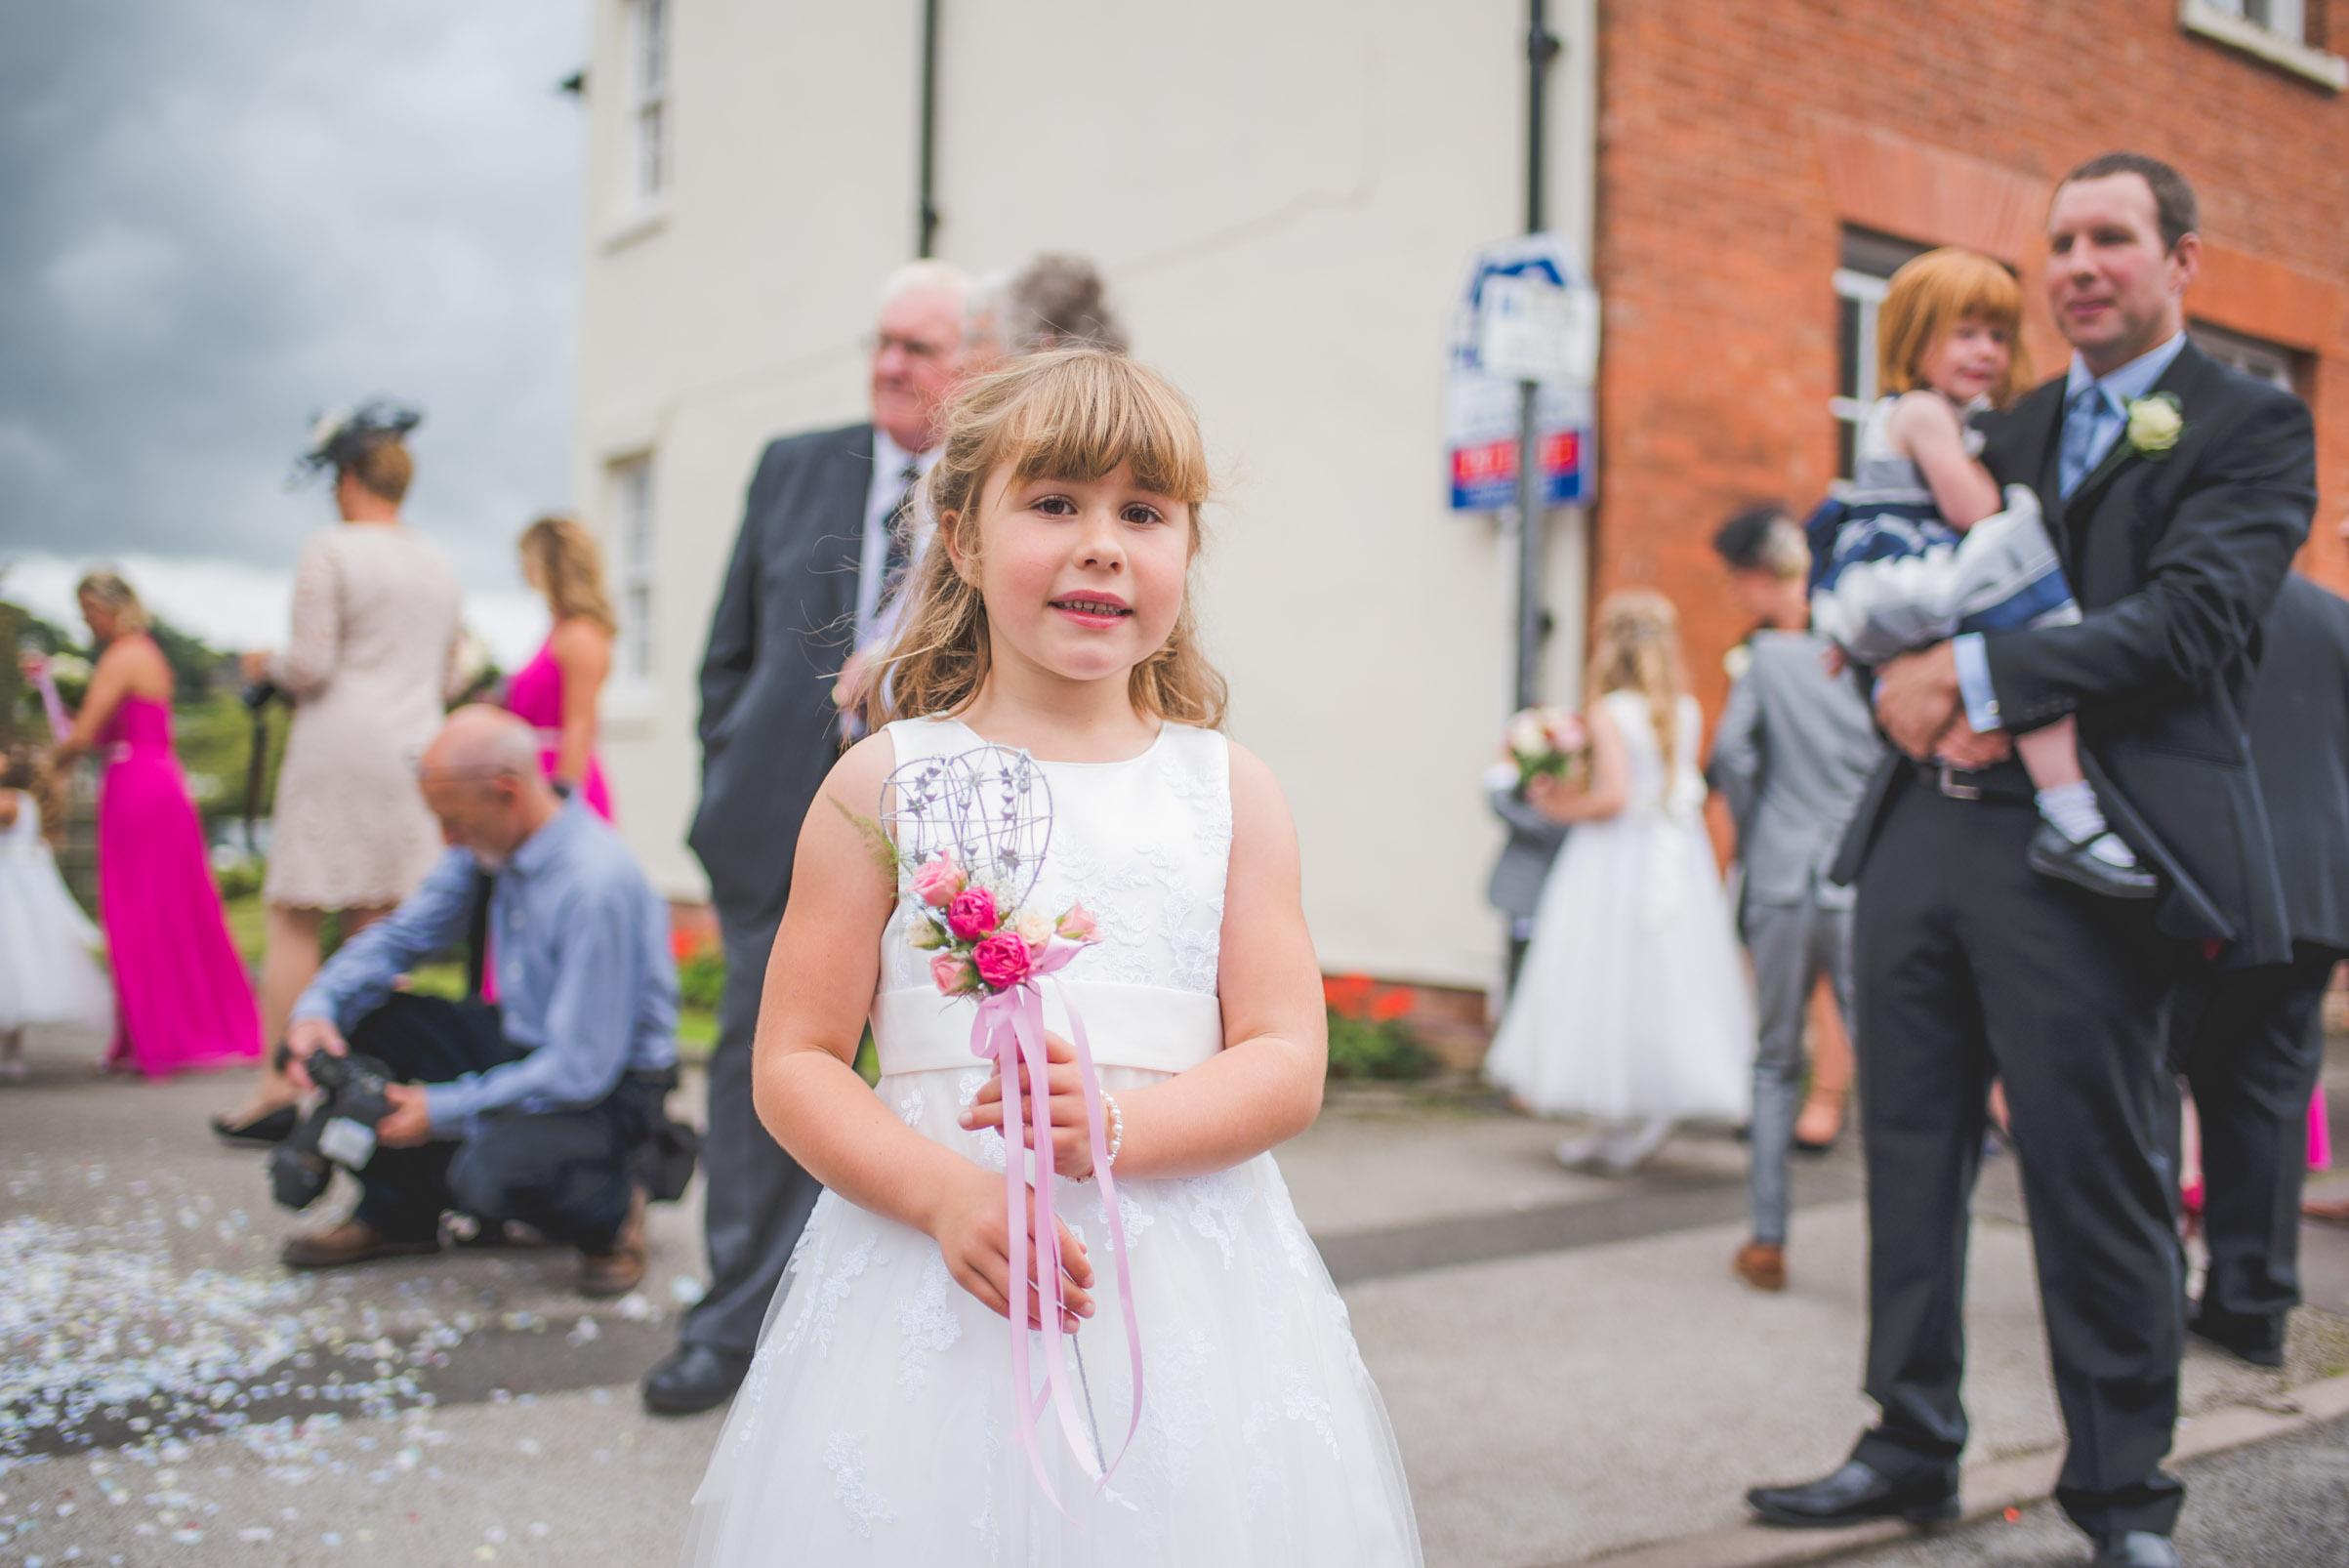 Farm-wedding-staffordshire-st-marys-catholic-church-uttoxter-44.jpg